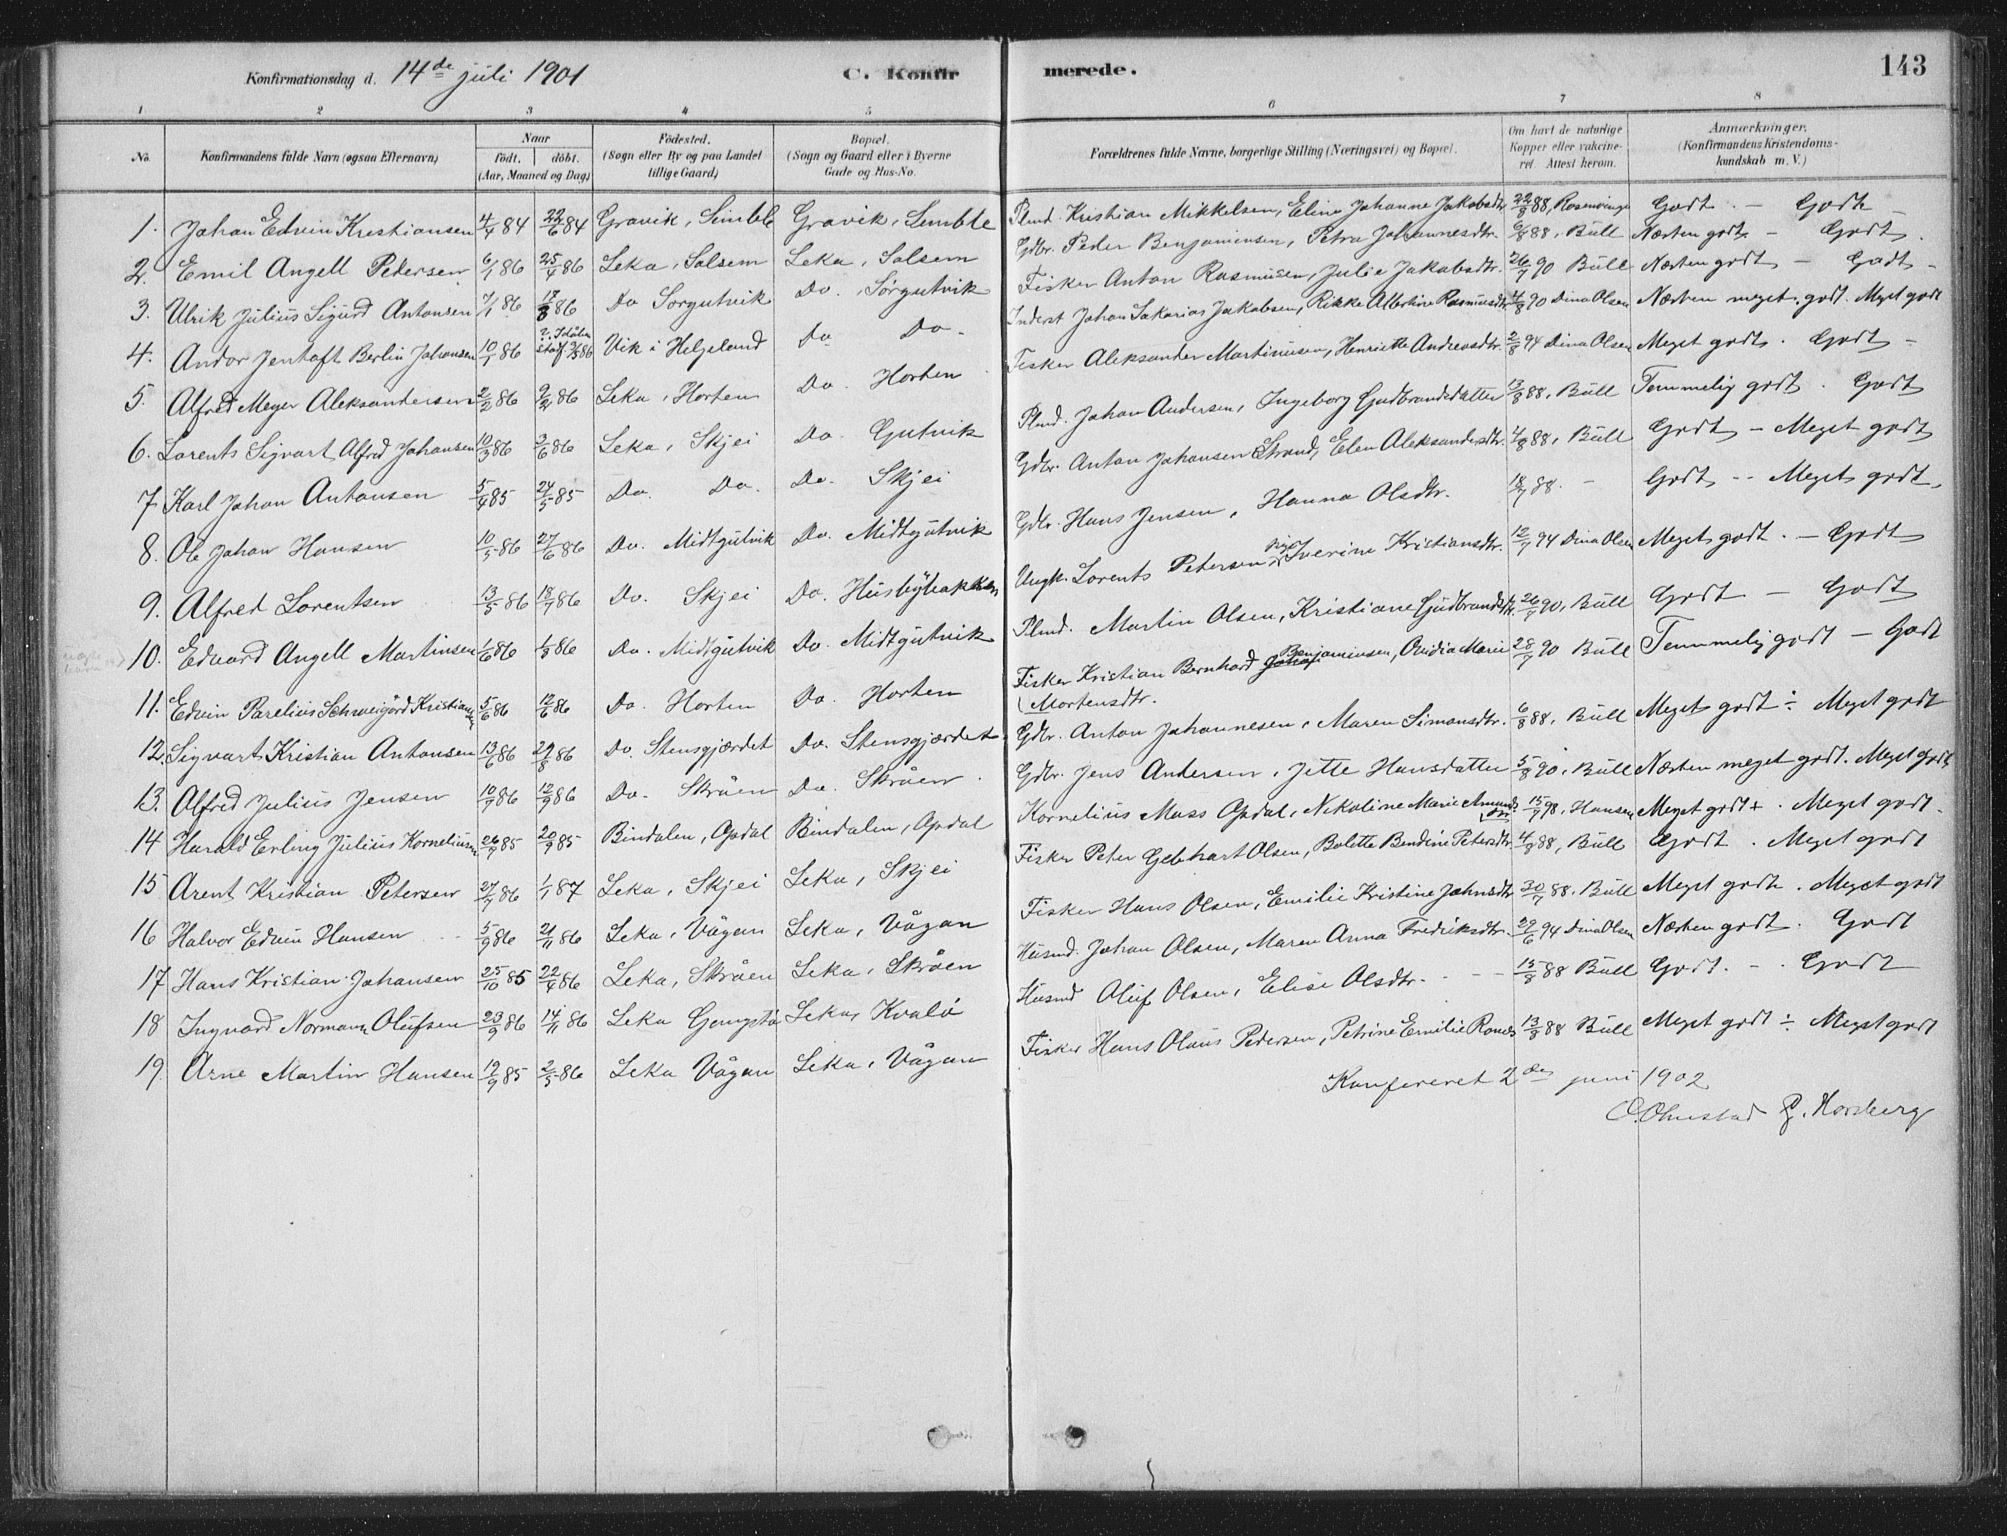 SAT, Ministerialprotokoller, klokkerbøker og fødselsregistre - Nord-Trøndelag, 788/L0697: Ministerialbok nr. 788A04, 1878-1902, s. 143